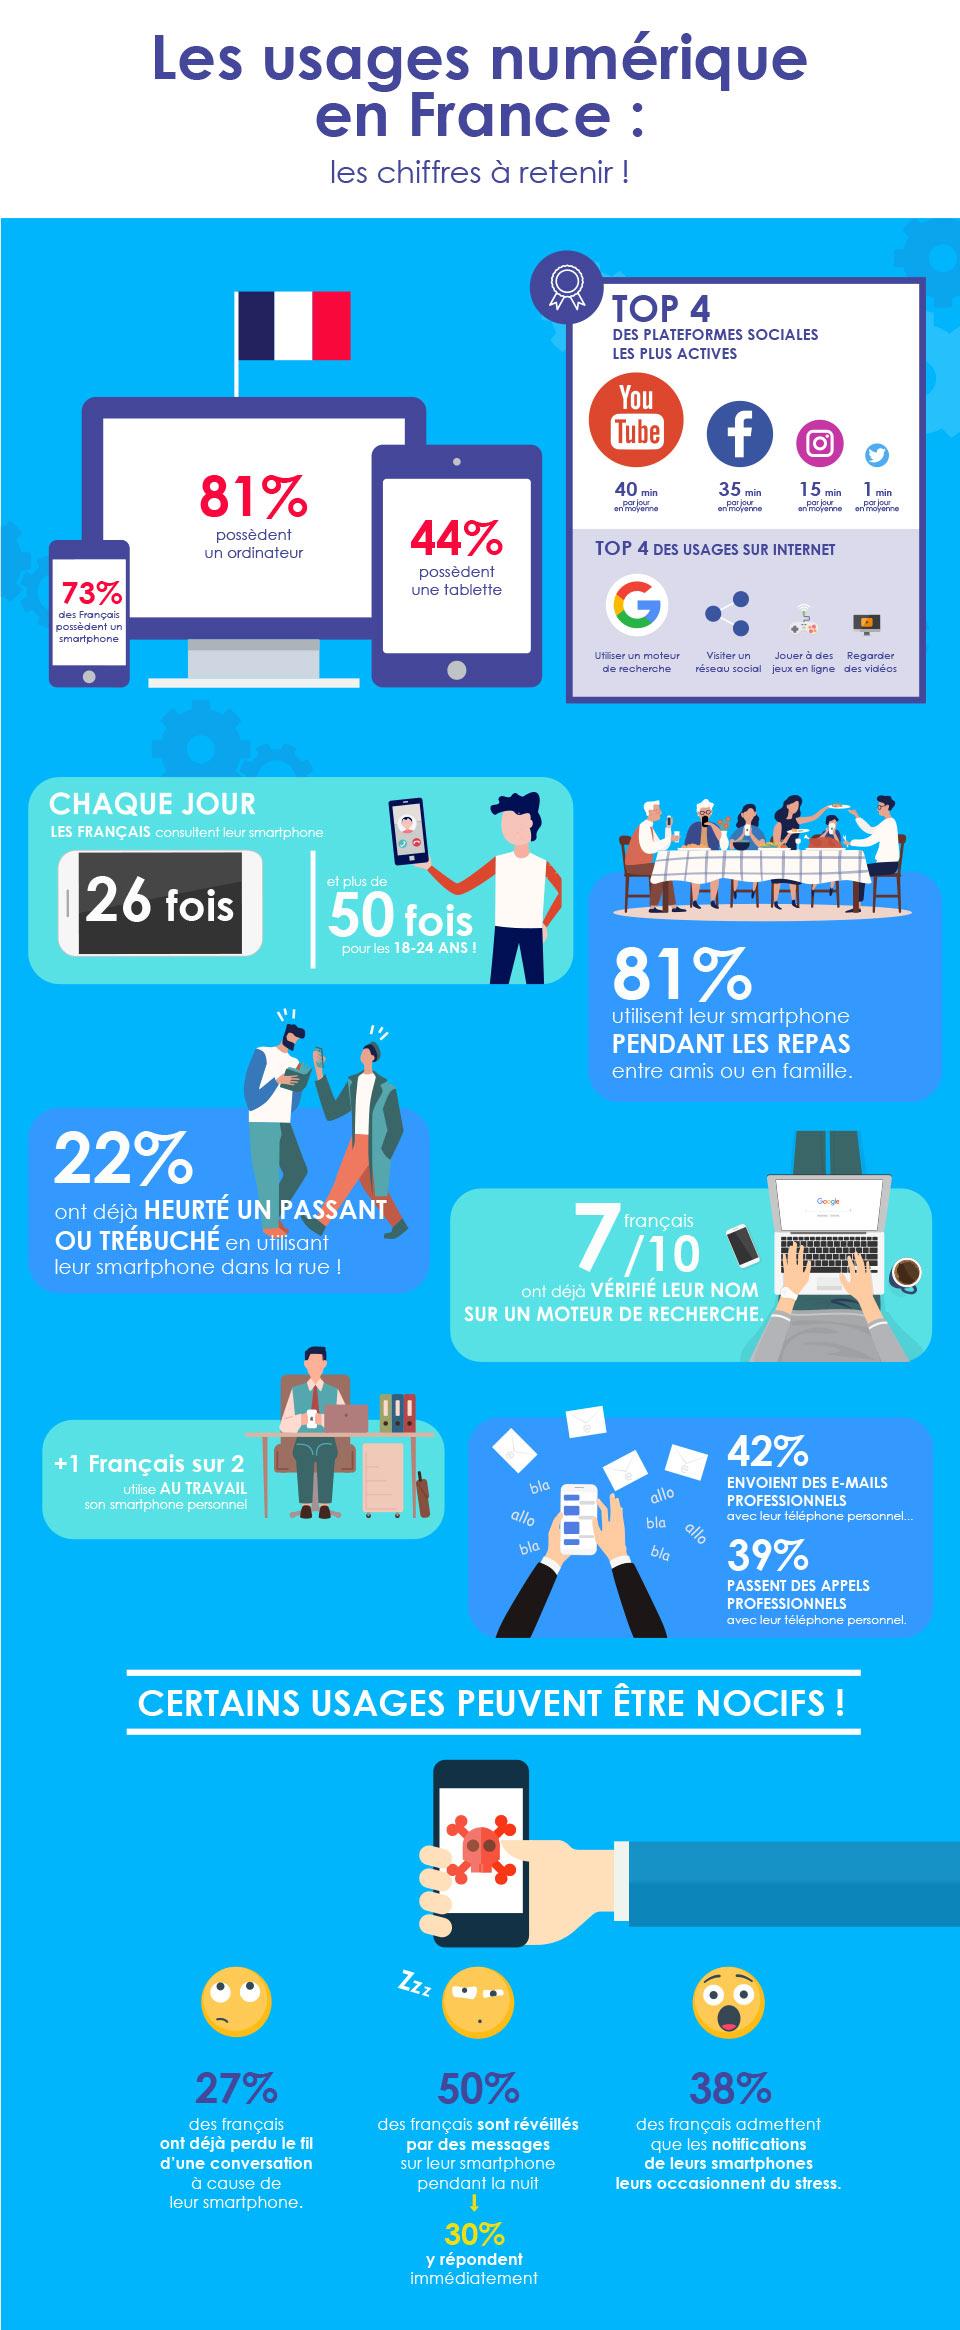 [INFOGRAPHIE] Les usages du numérique en France : Les chiffres clés